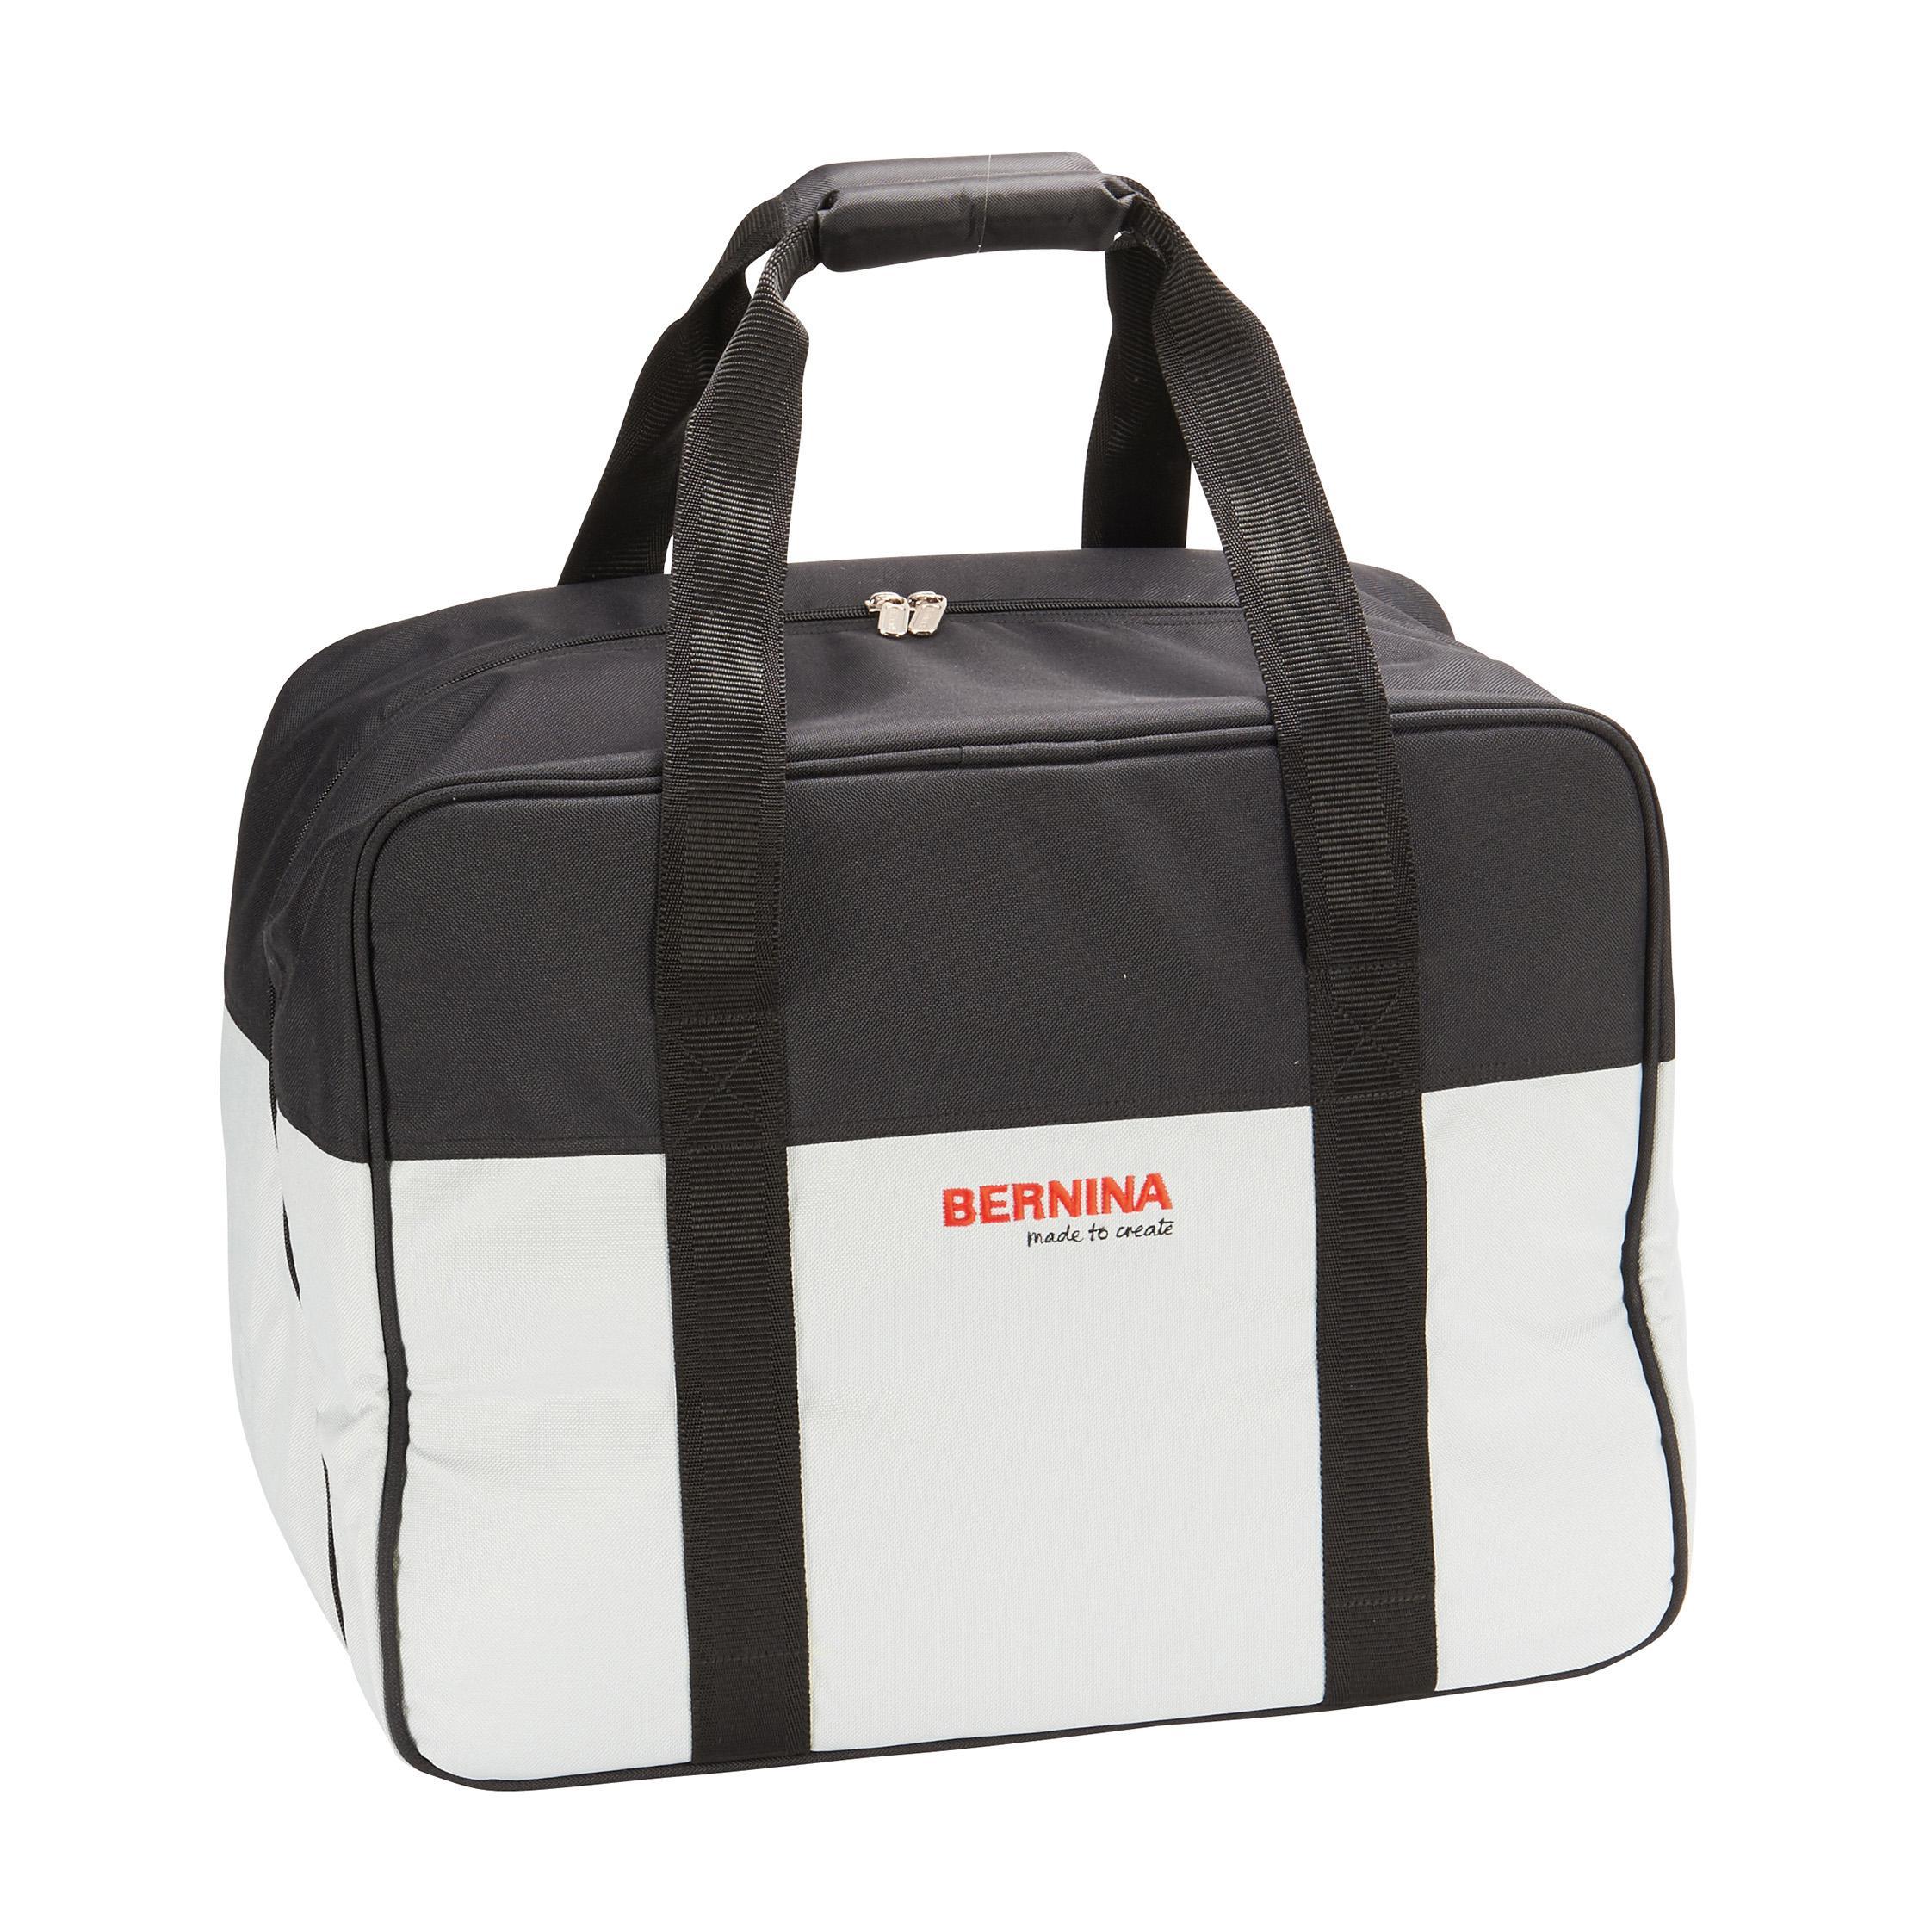 Bernina Sewing Machine Bag Black Silver a0bedf68e0672